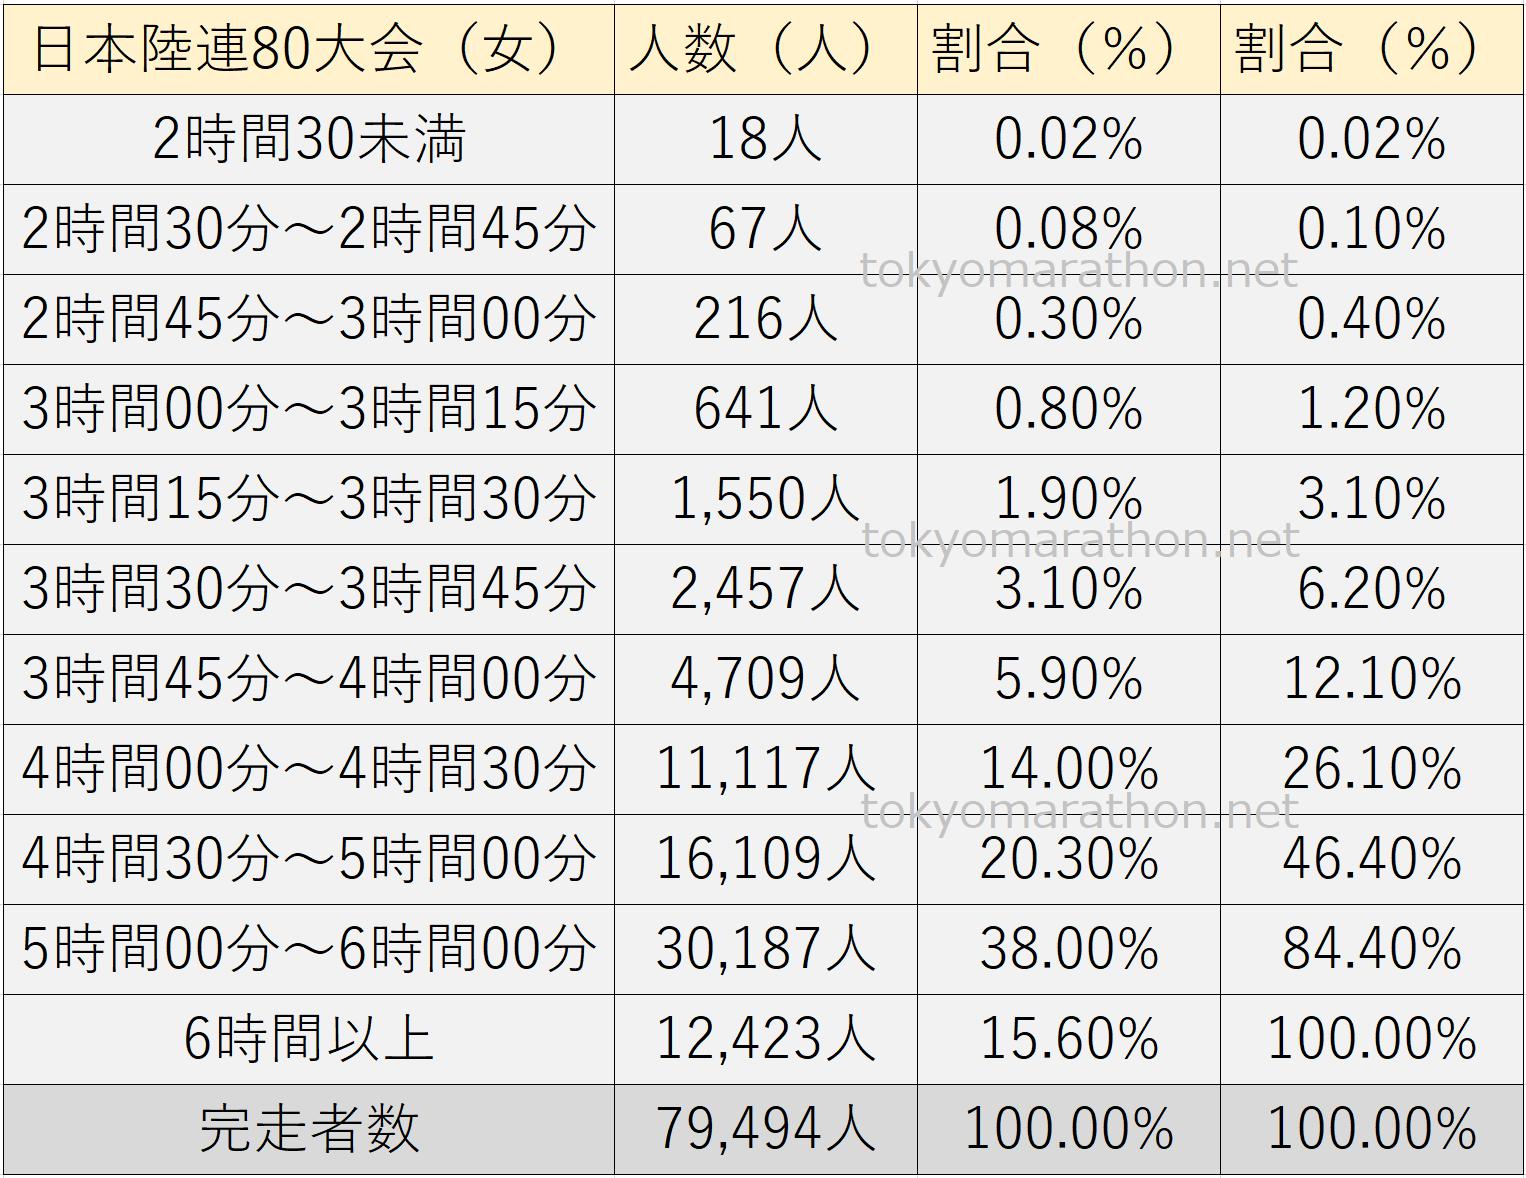 2018年4月~2019年3月に開催された日本陸連80大会の完走タイム分布図(女性)2時間30分未満、2時間30分~2時間45分、2時間45分~3時間、3時間~3時間15分、3時間15分~3時間30分、3時間30分~3時間45分、3時間45分~4時間、4時間~4時間30分、4時間30分~5時間、5時間~6時間、6時間以上の11の完走タイムカテゴリーに分類。それぞれ11カテゴリーの完走人数と割合(%)の一覧表です。